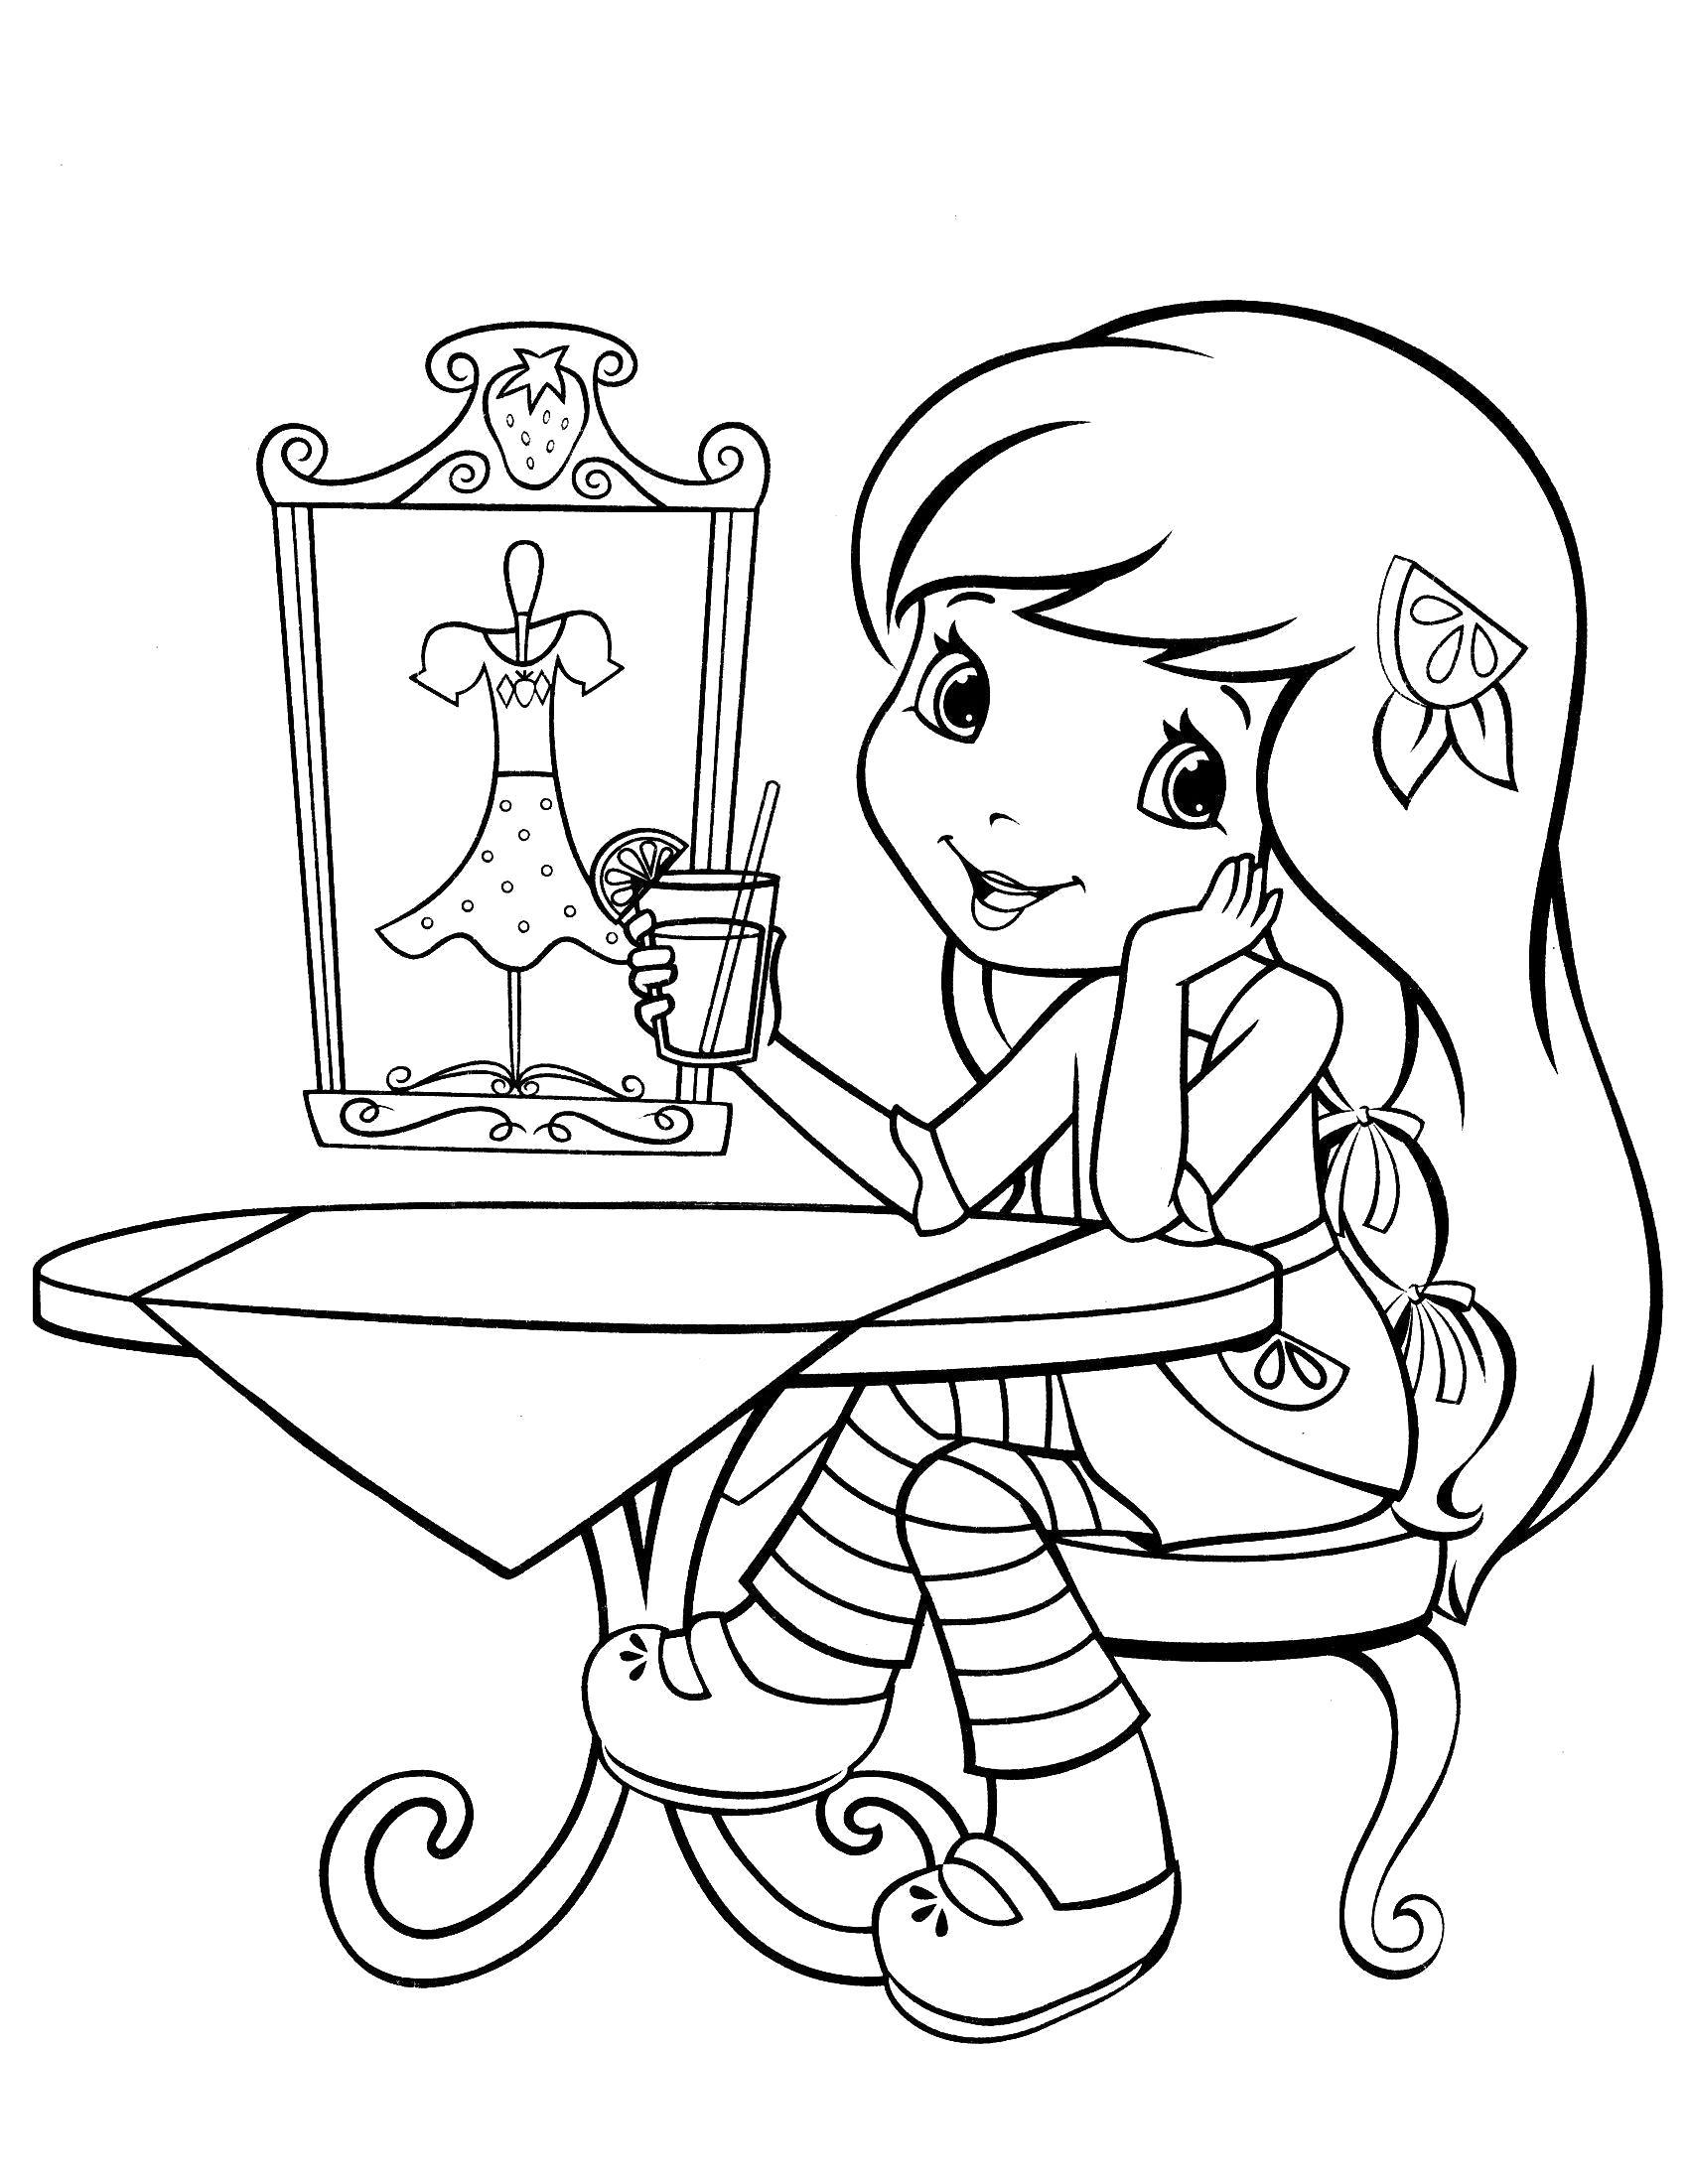 """Раскраска  """"шарлотта земляничка и ее друзья"""" . Скачать шарлотта земляничка.  Распечатать шарлотта земляничка"""